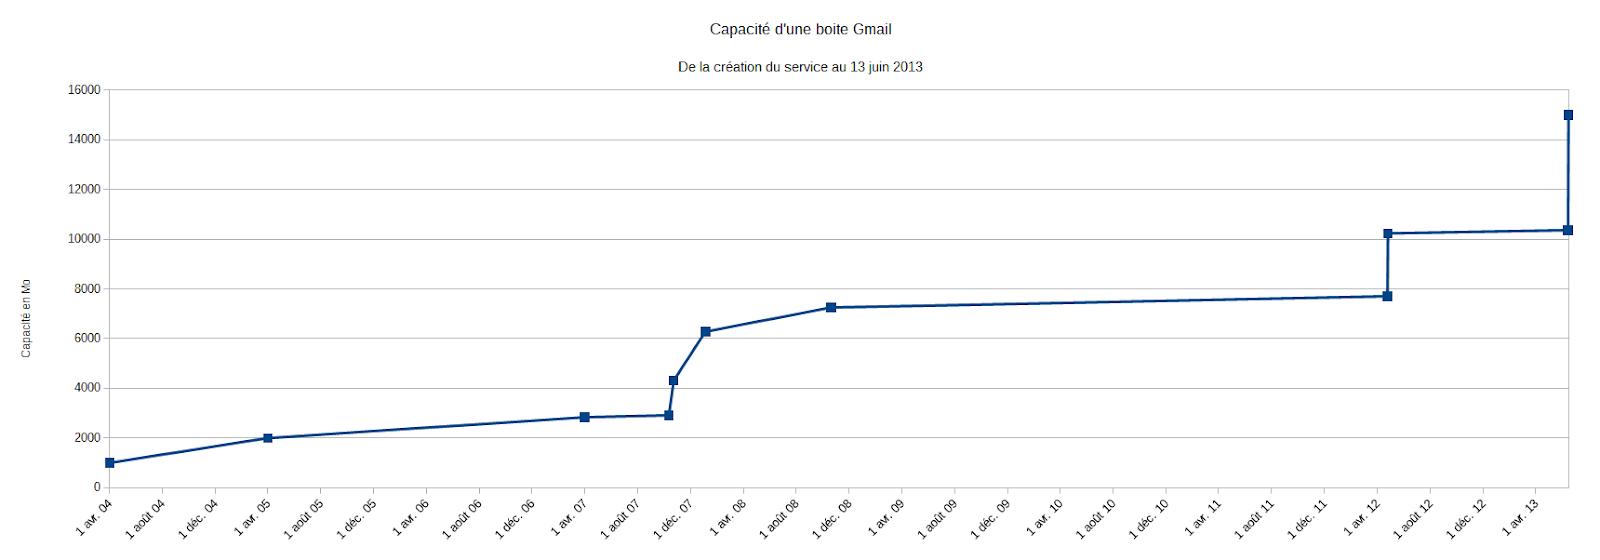 Évolution de la capacité de stockage offerte sur Gmail